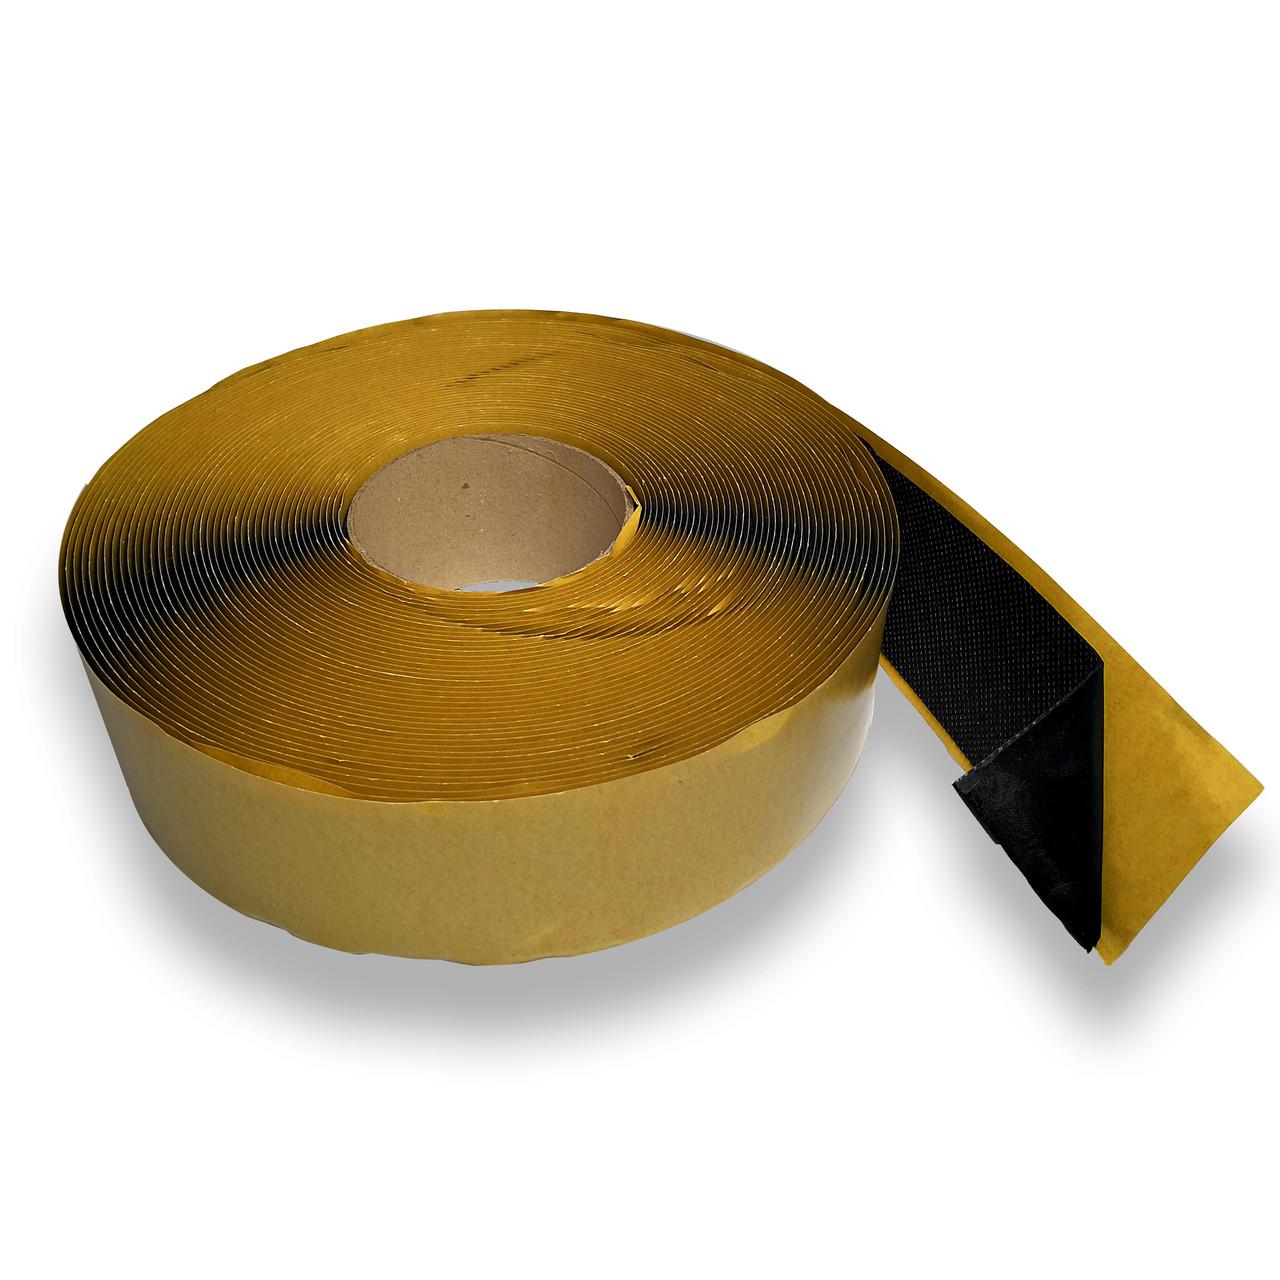 Герметизирующая лента с нетканым полотном 50 мм х 20 м